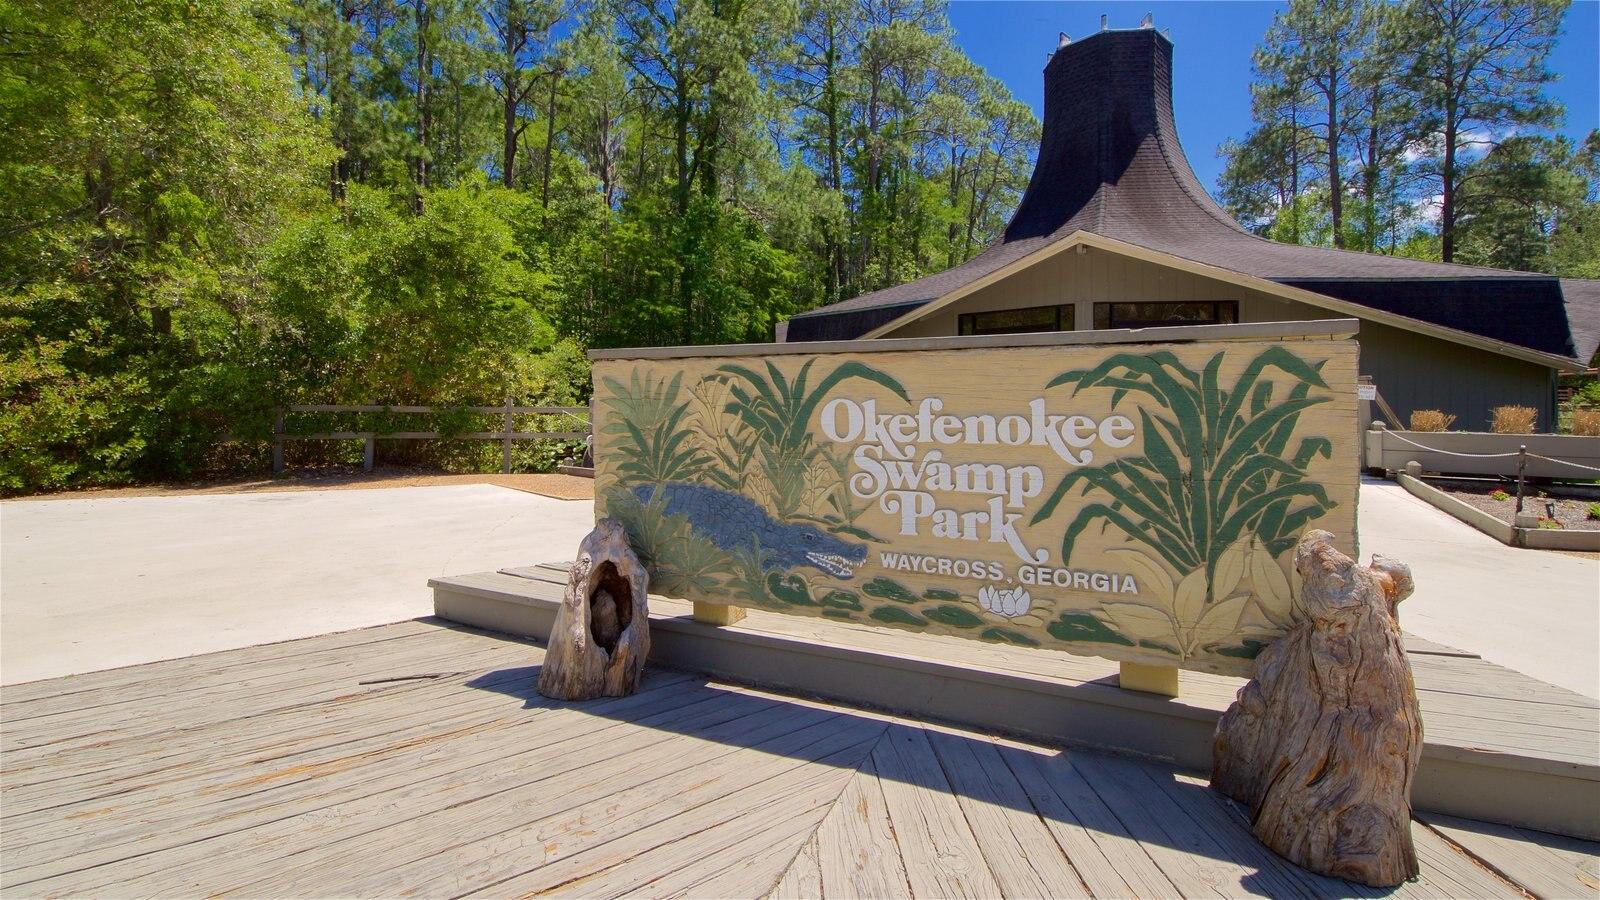 Parque Okefenokee Swamp ofreciendo señalización